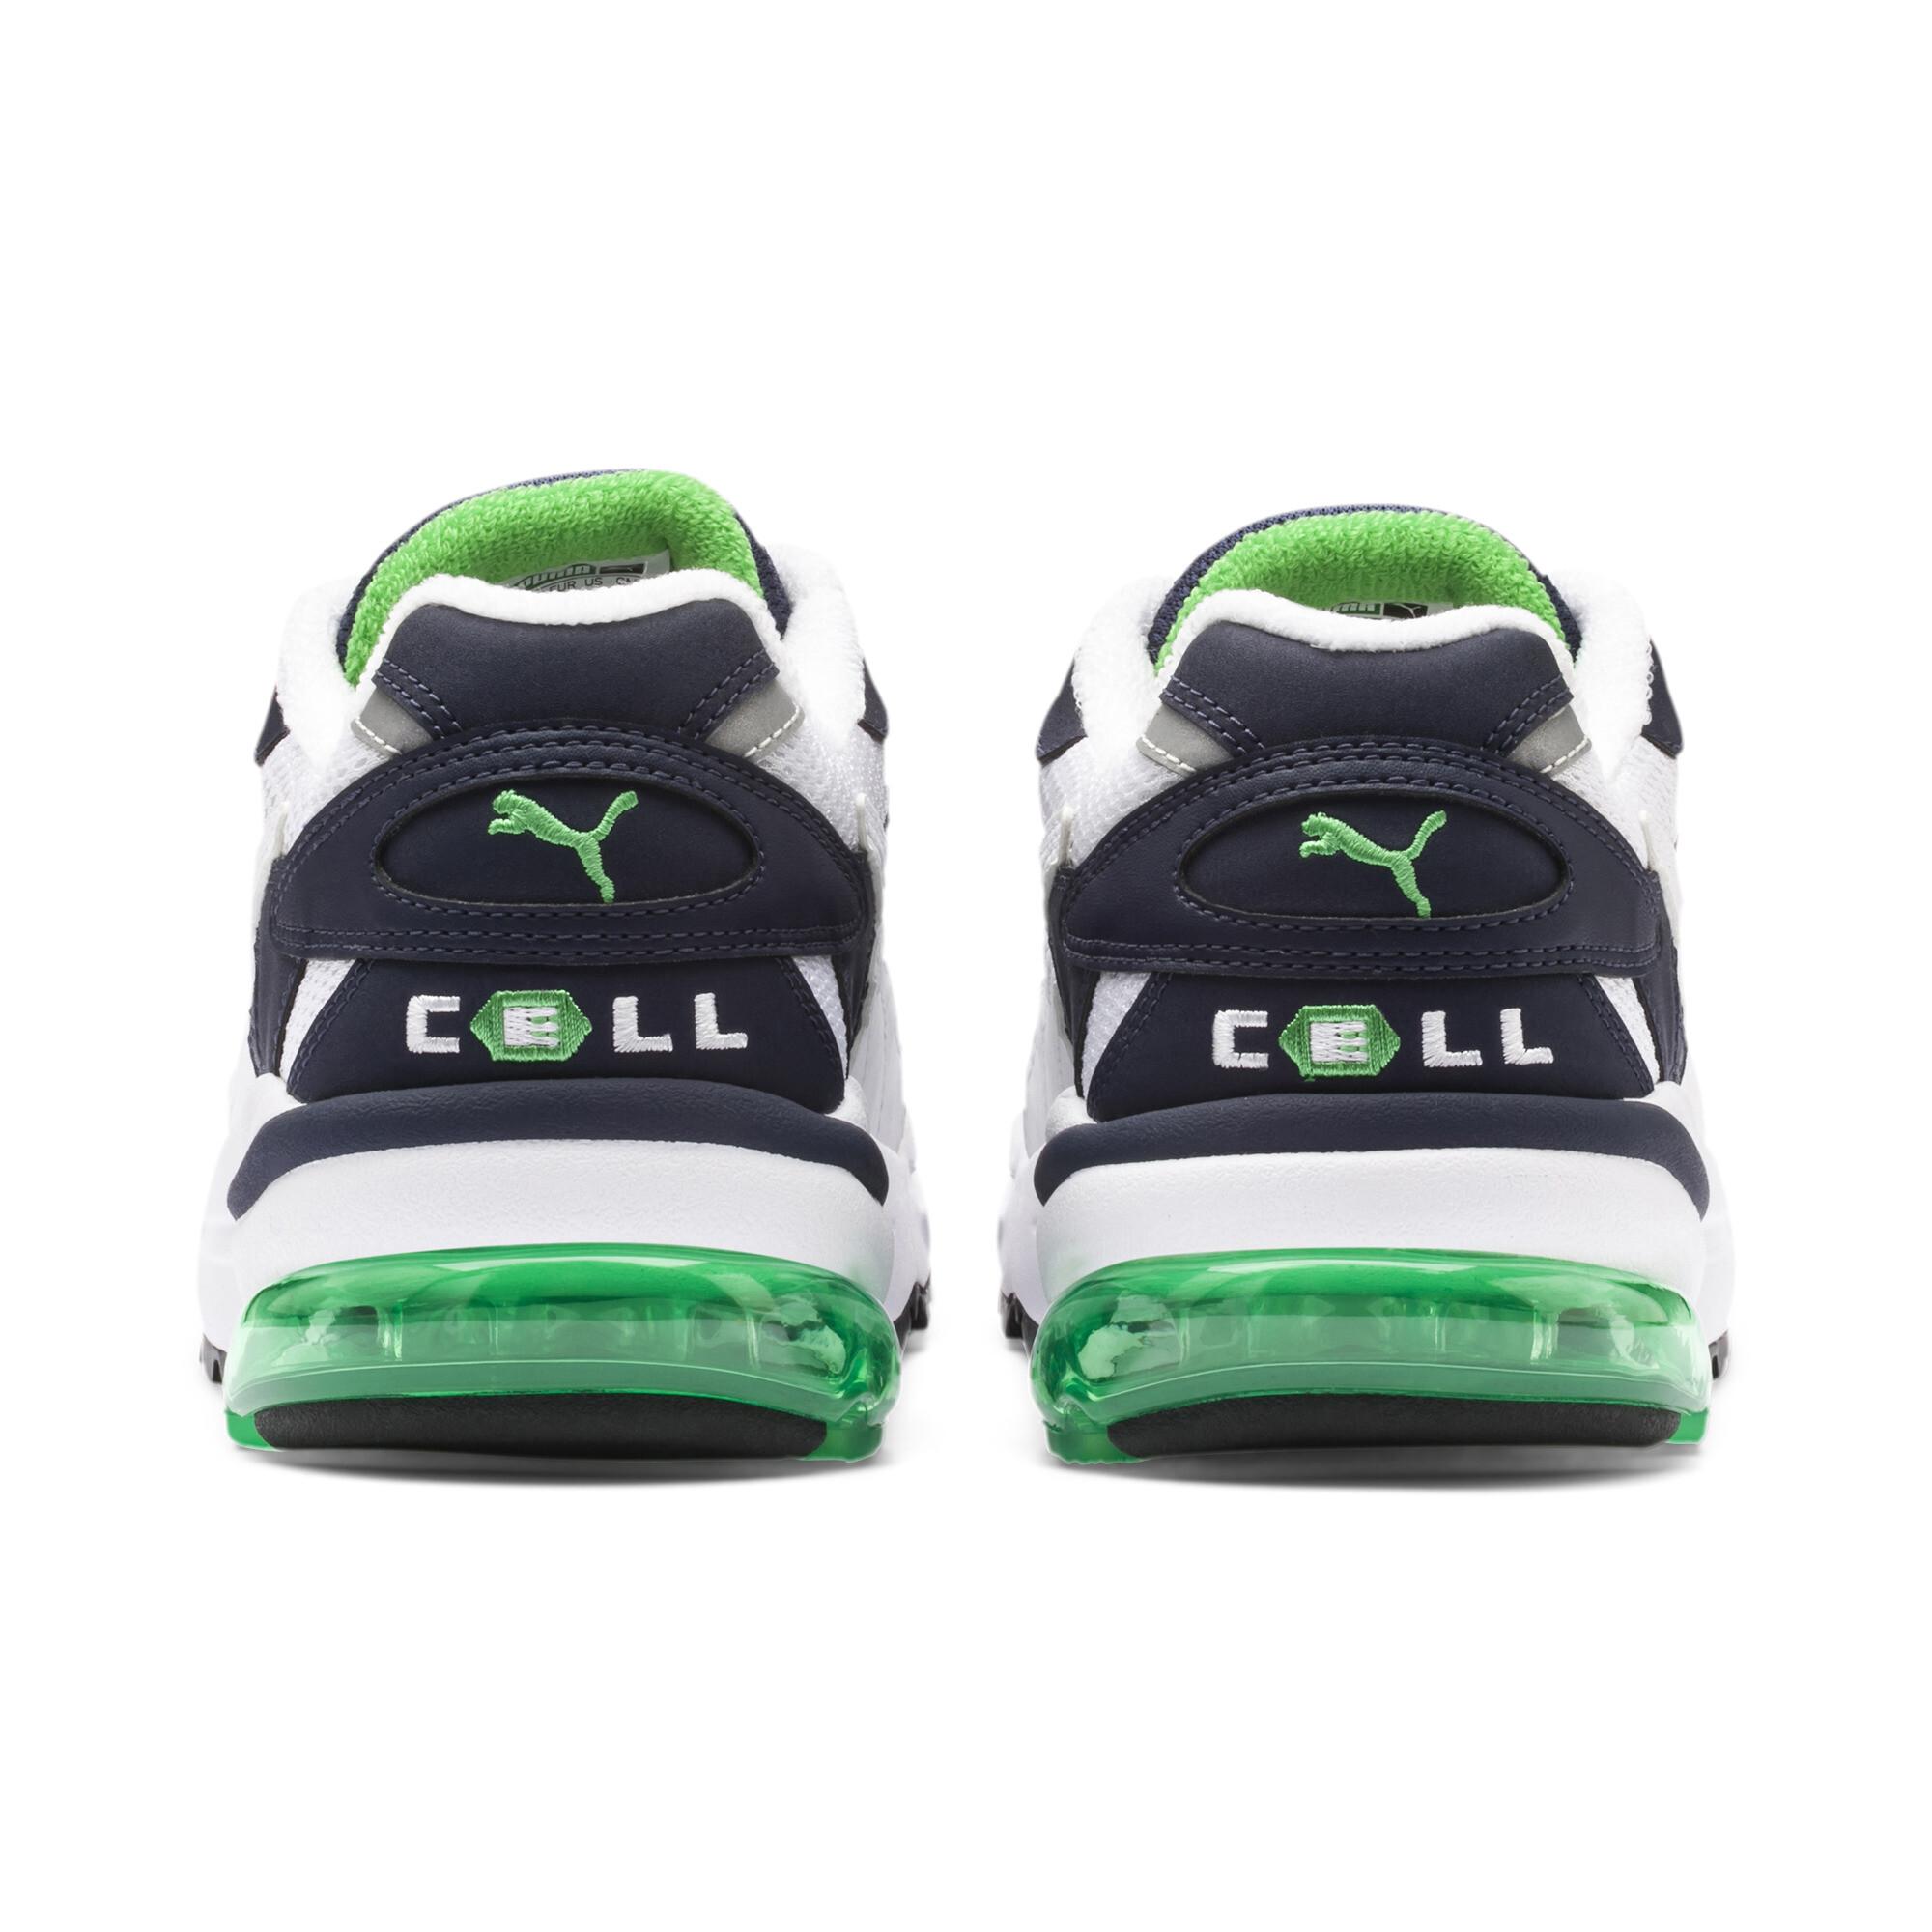 PUMA-CELL-Alien-OG-Men-039-s-Sneakers-Men-Shoe-Sport-Classics thumbnail 13